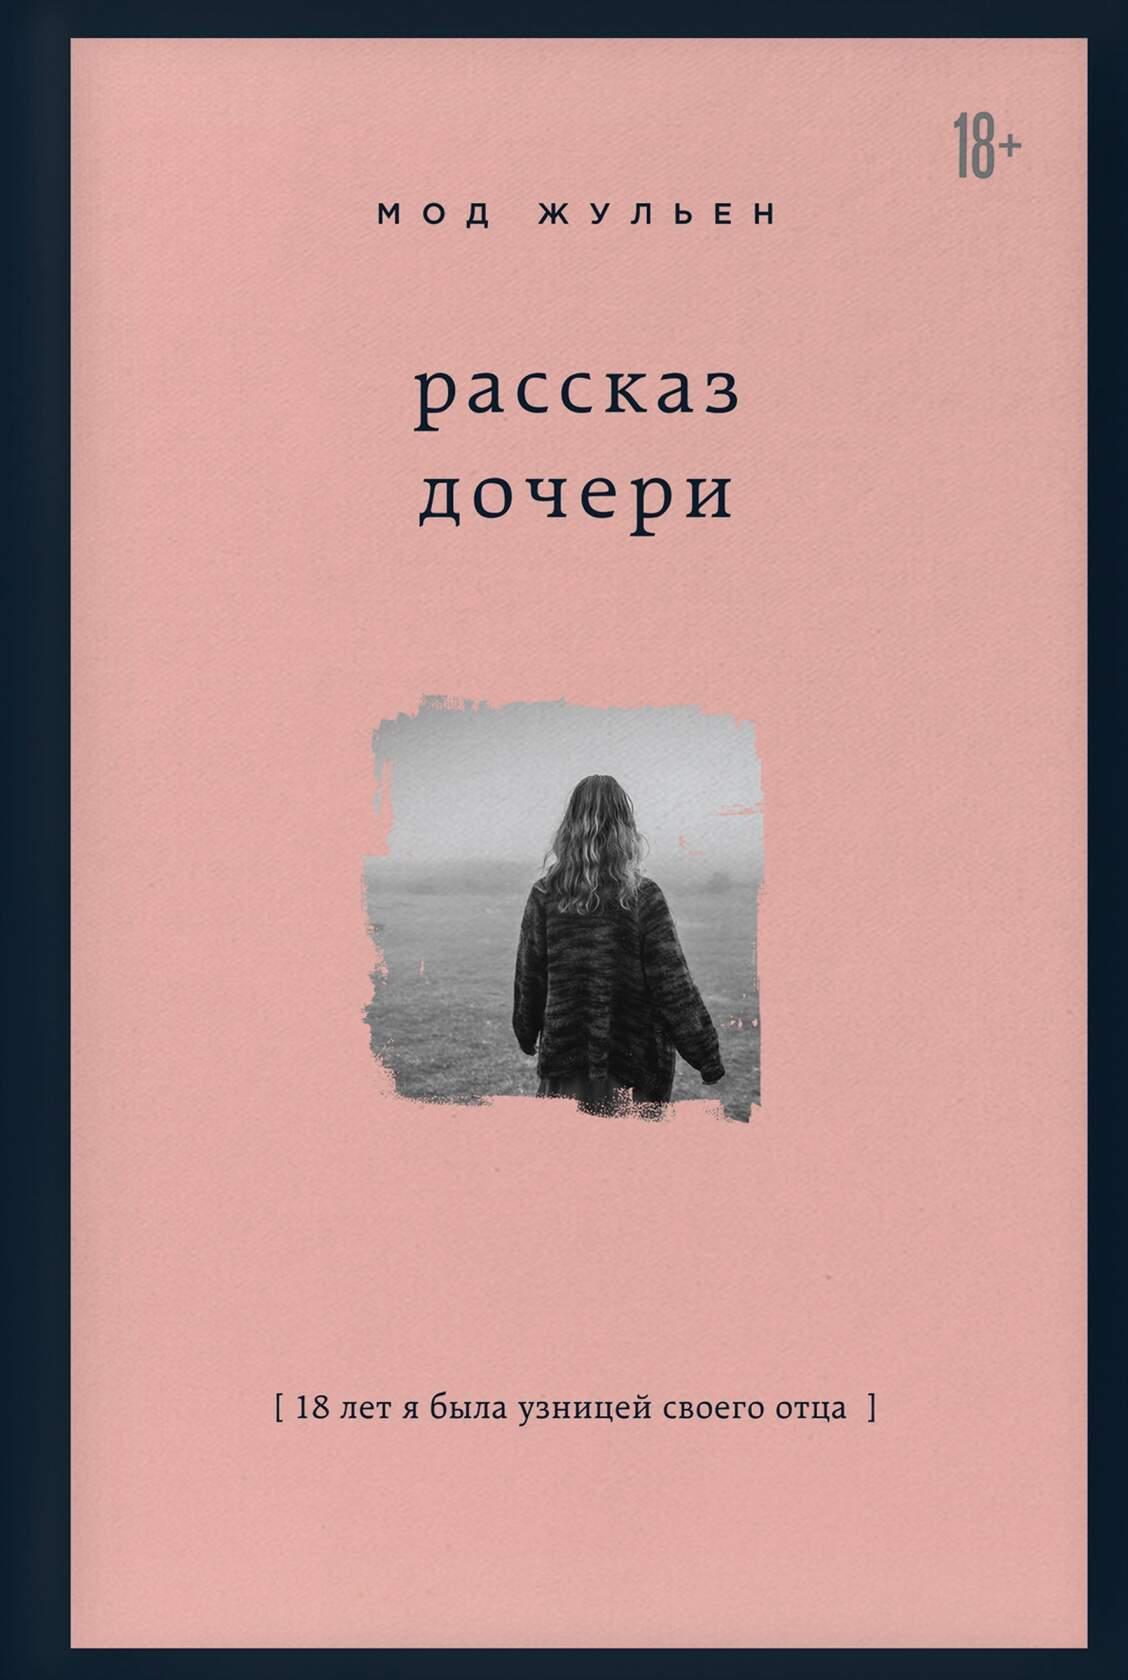 О книге 'Рассказ дочери. 18 лет я была узницей своего отца' Мод Жульен